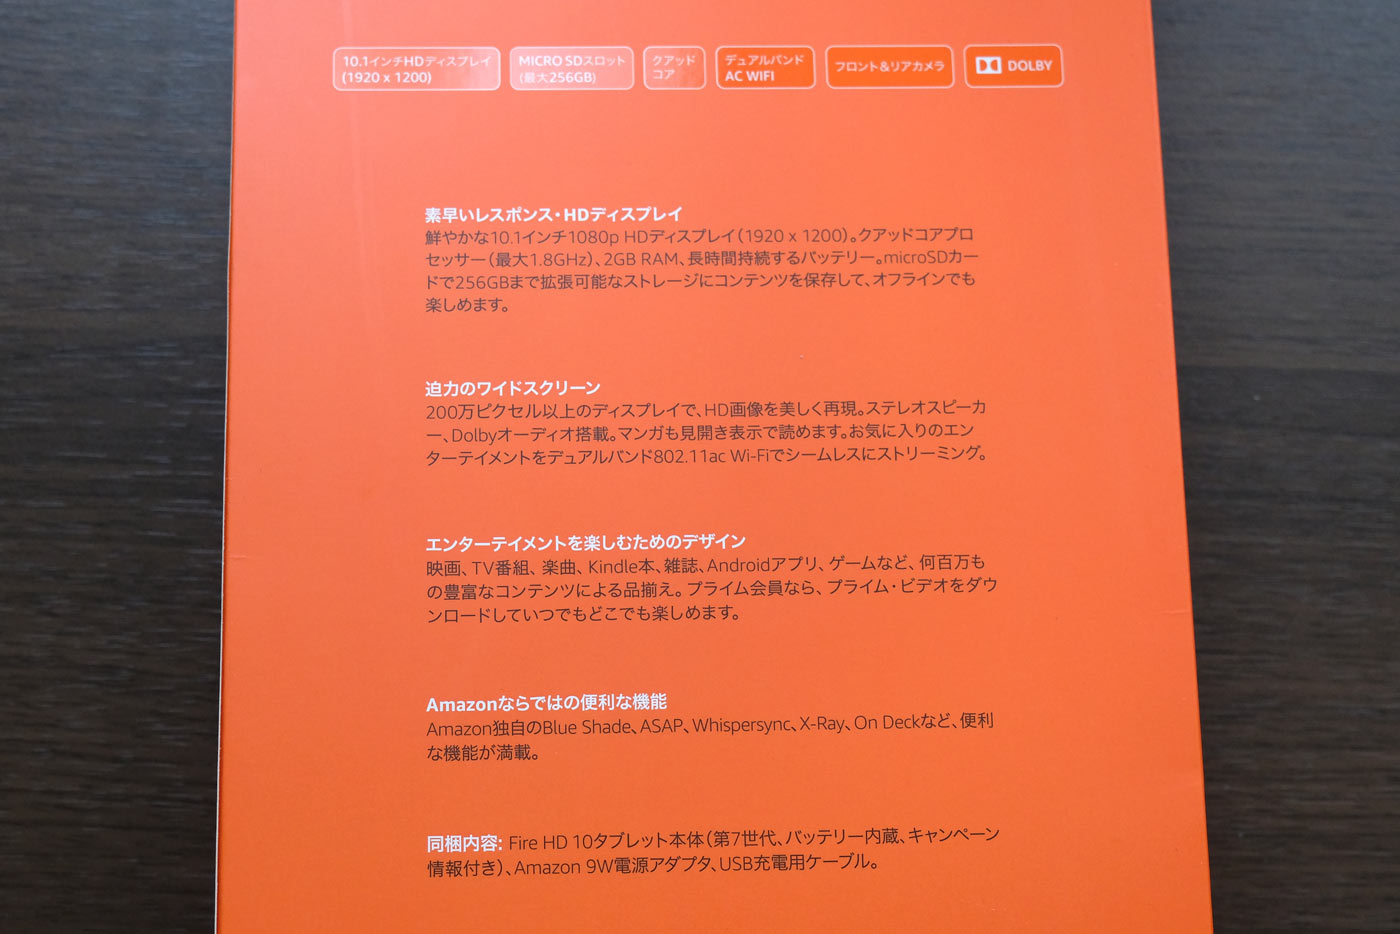 Fire HD 10 パッケージ裏